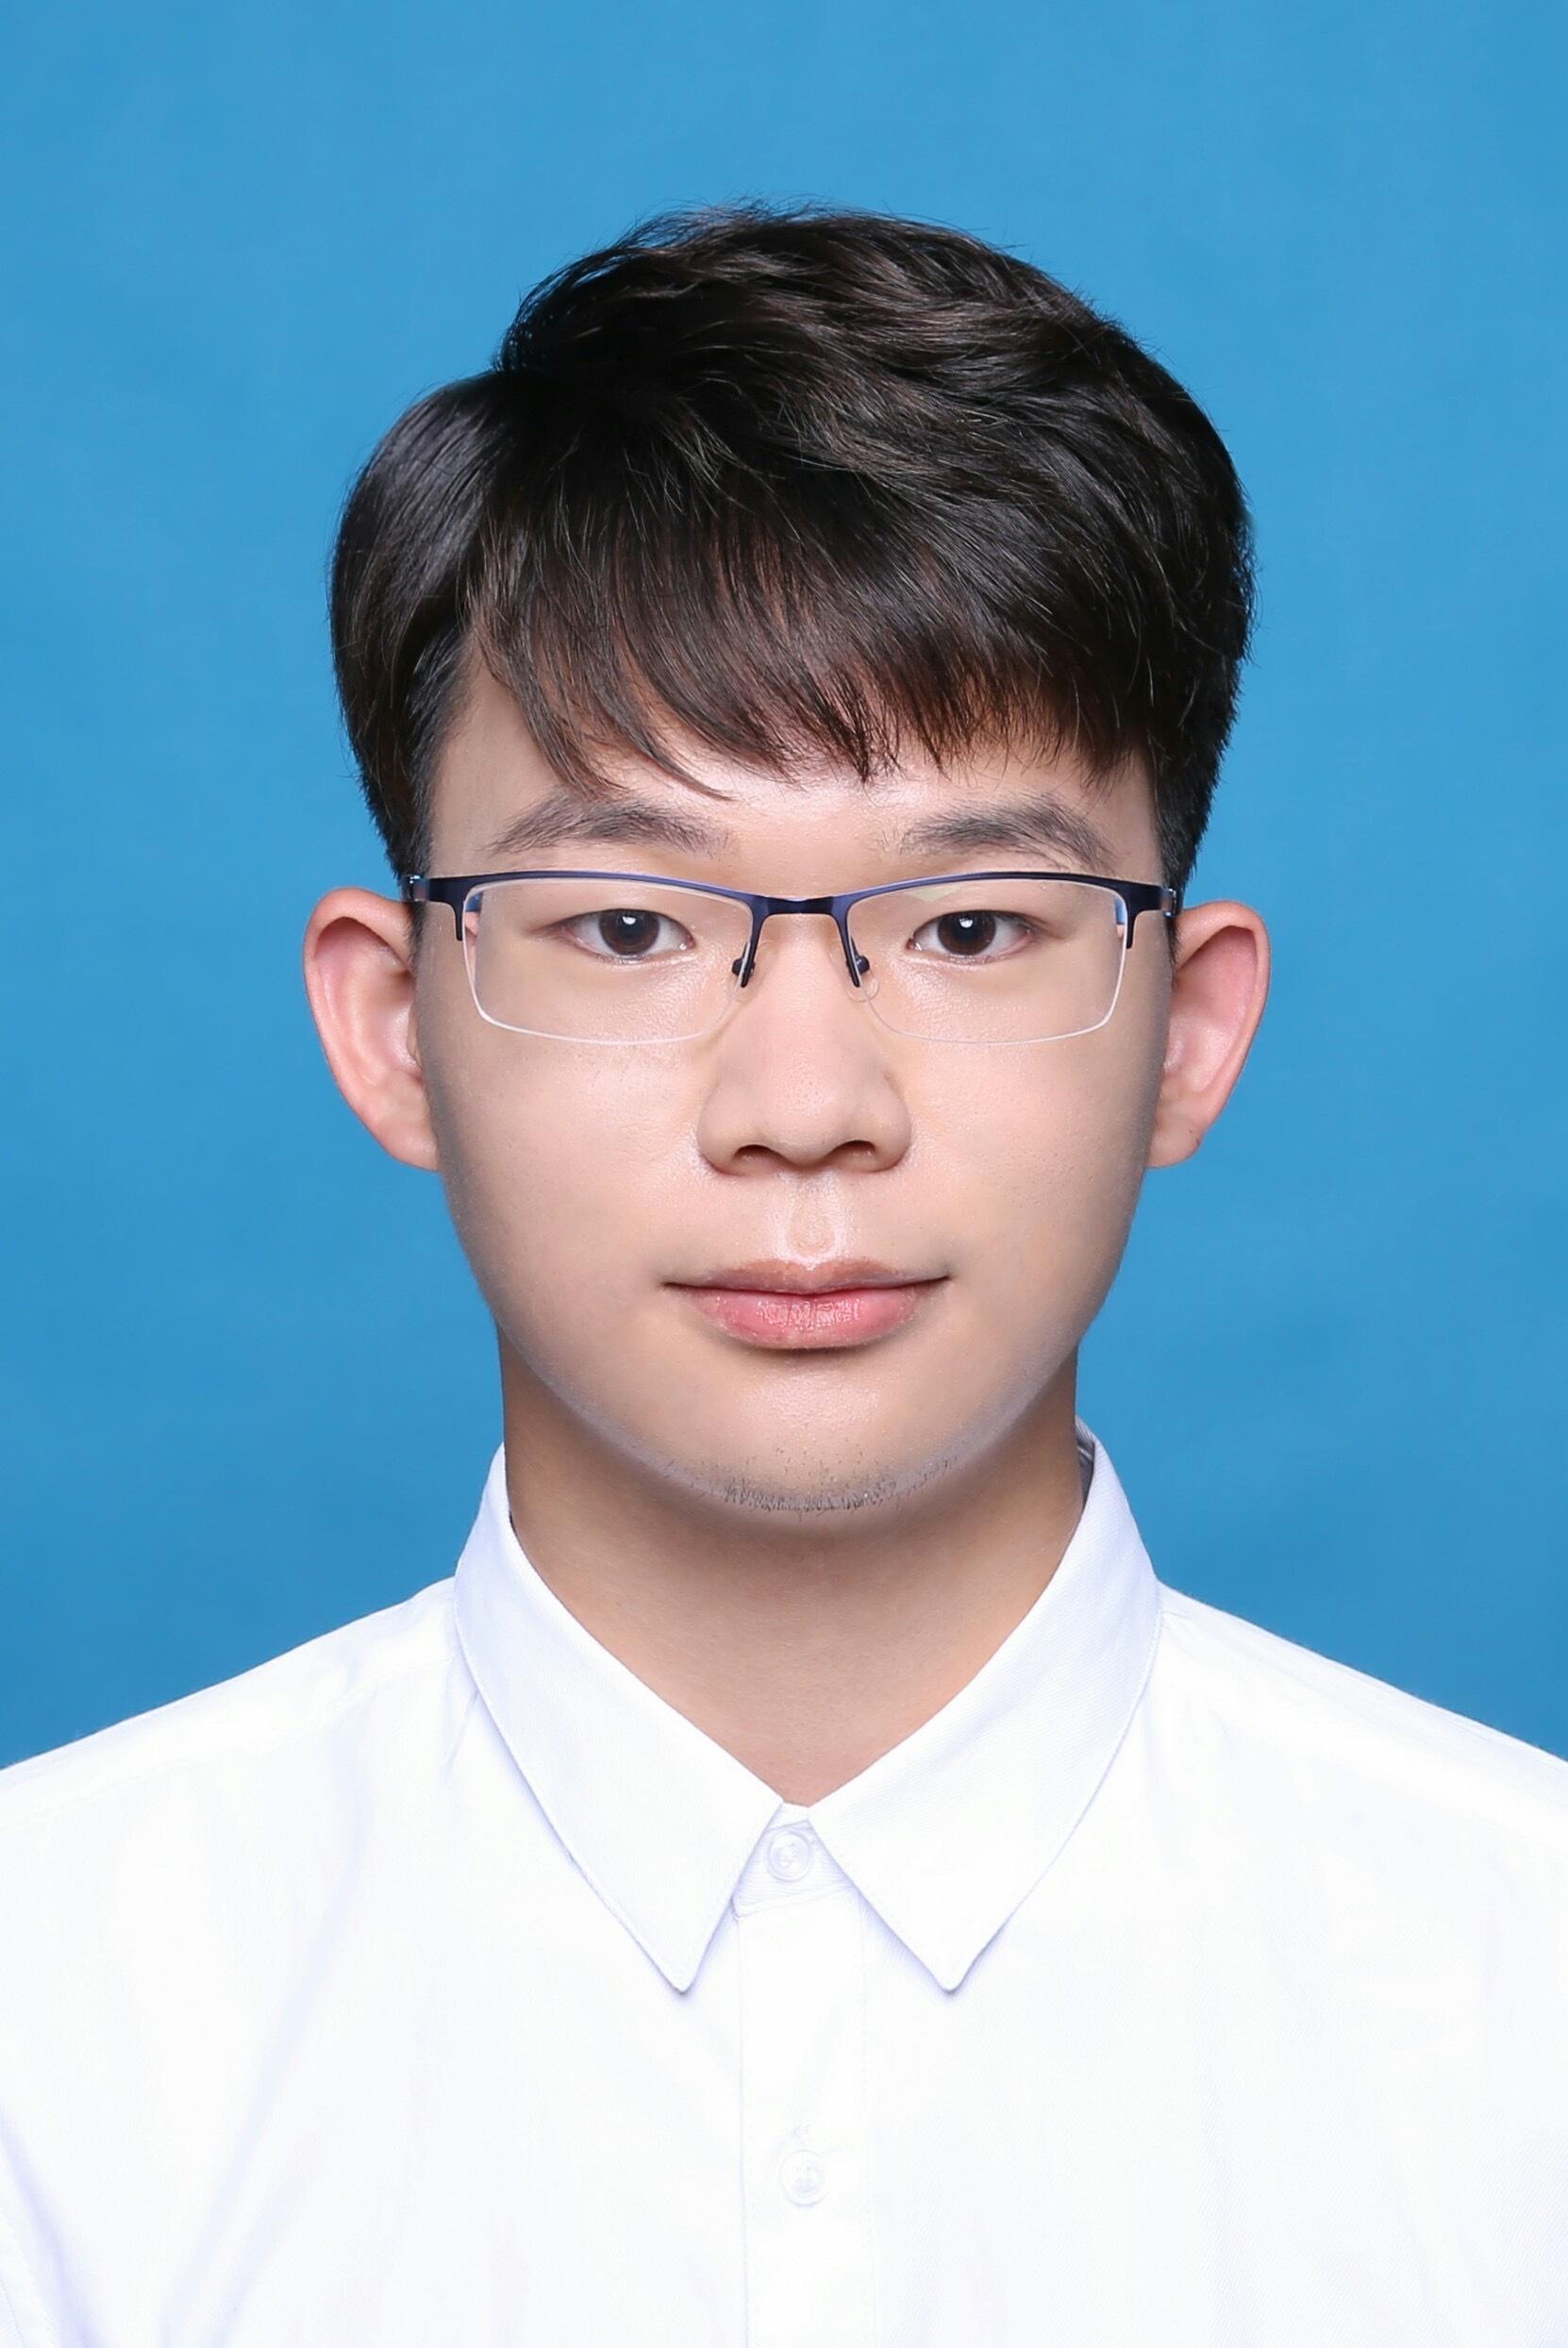 黄浦家教吴老师